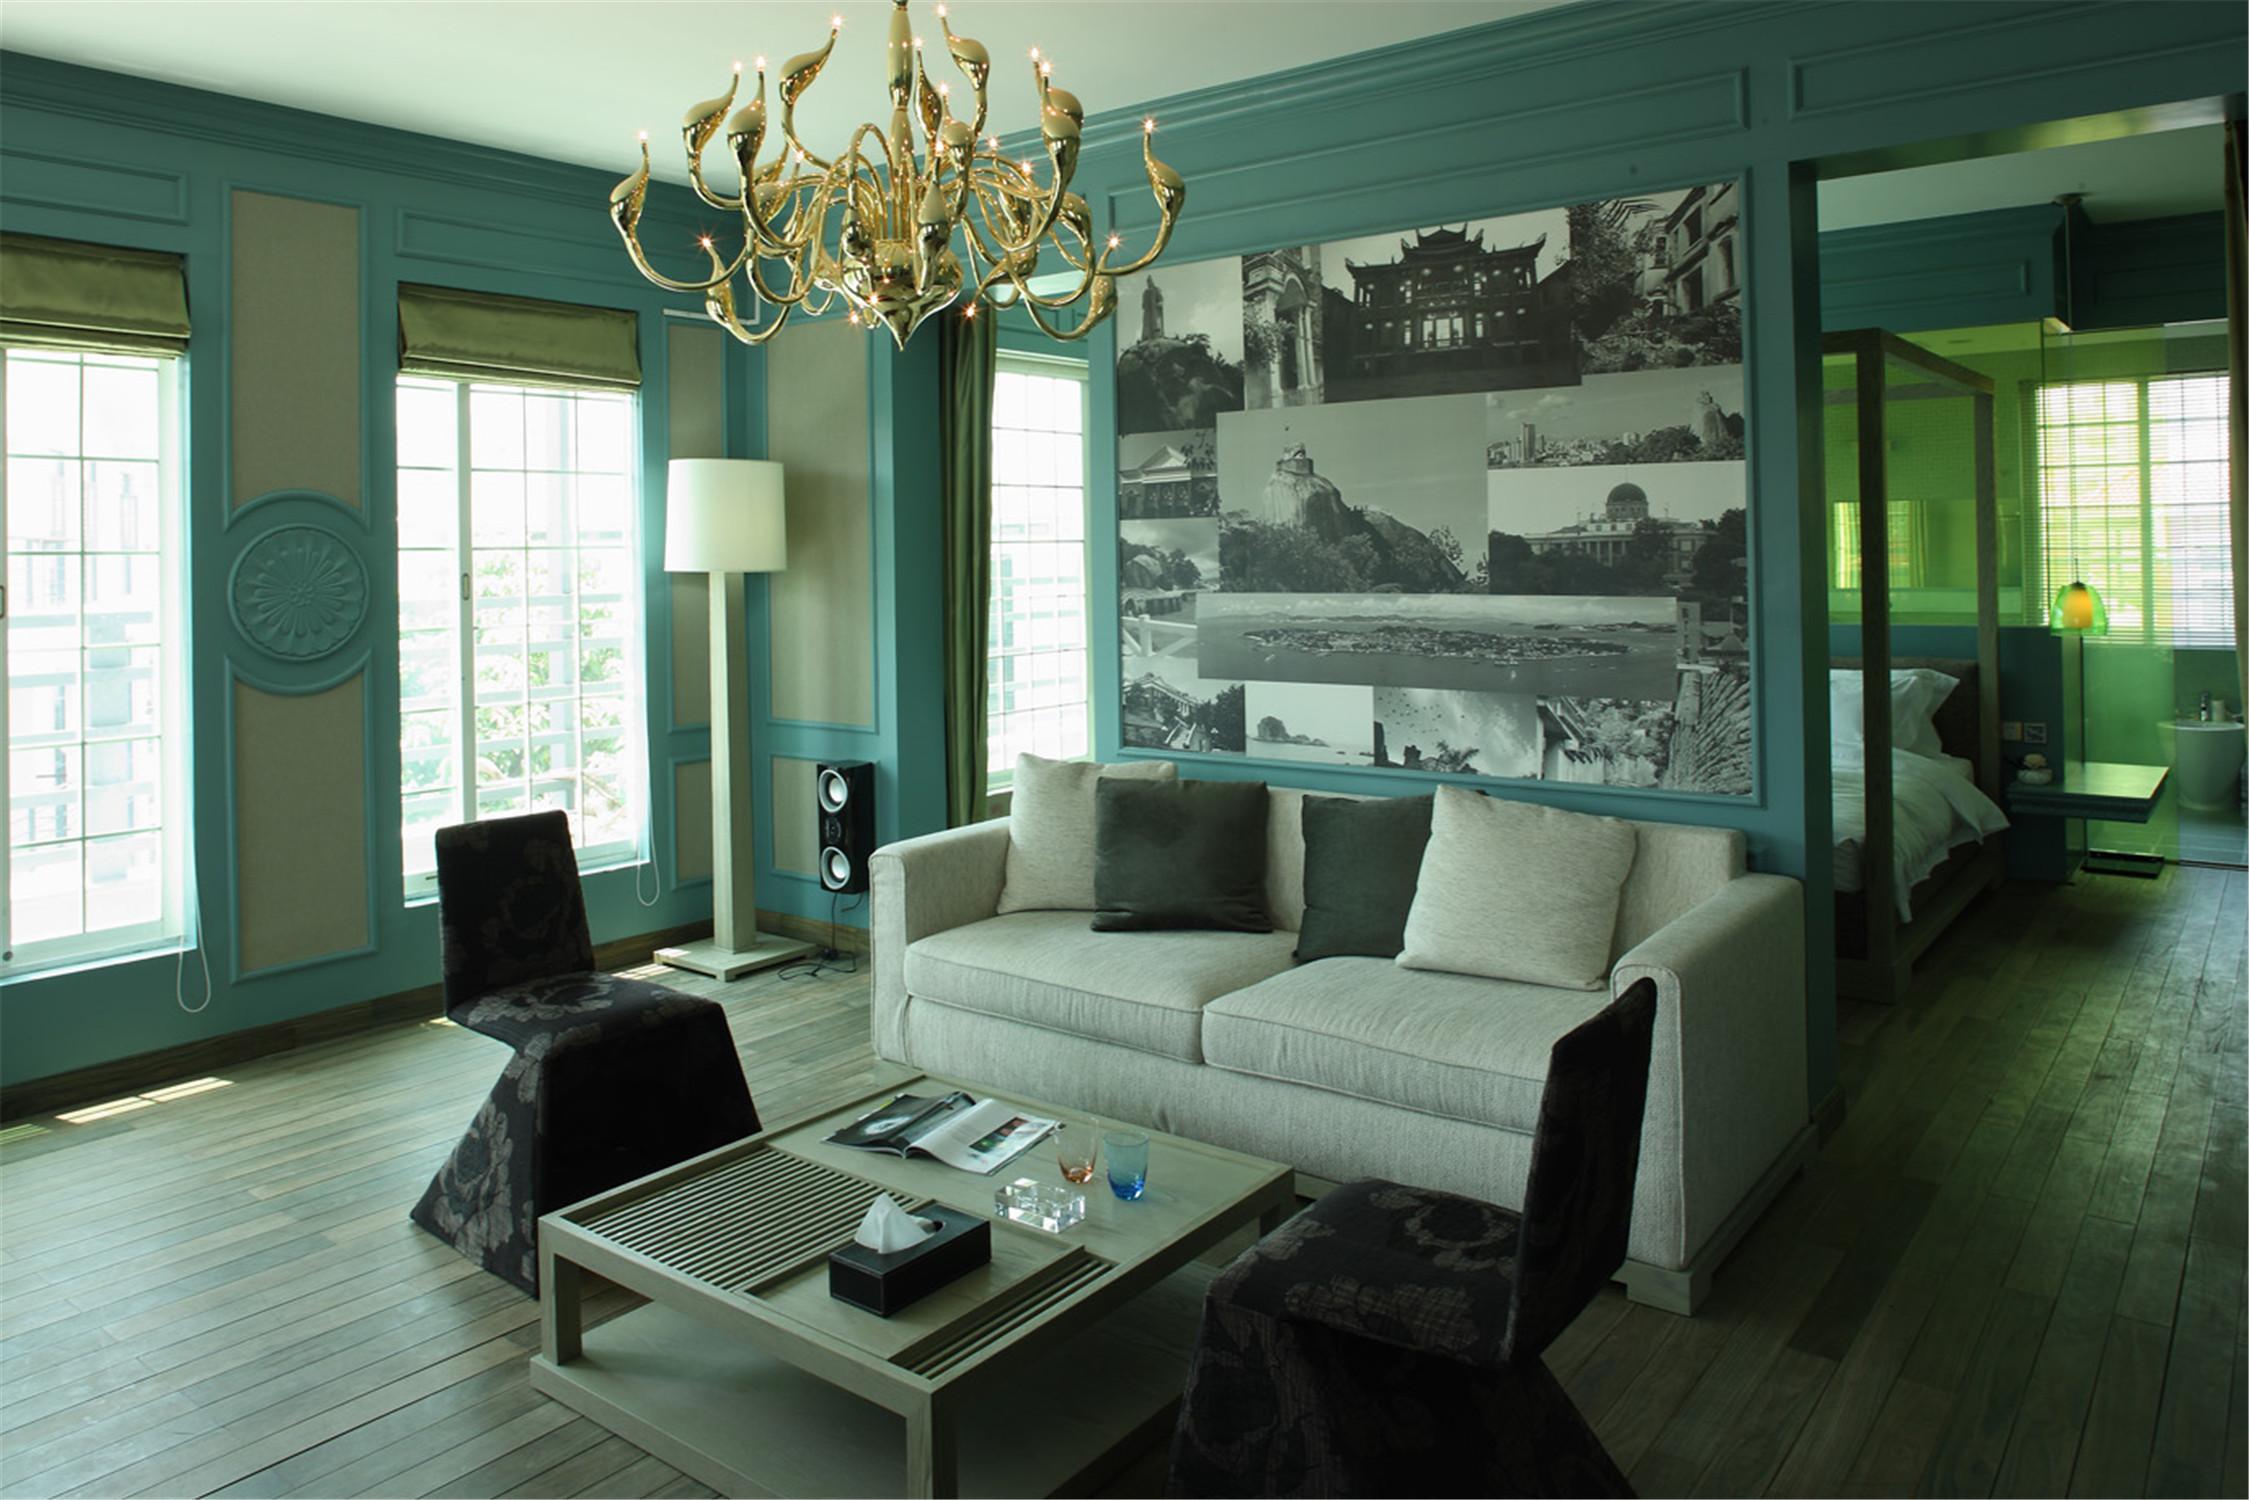 公寓式精品酒店装修沙发背景墙图片